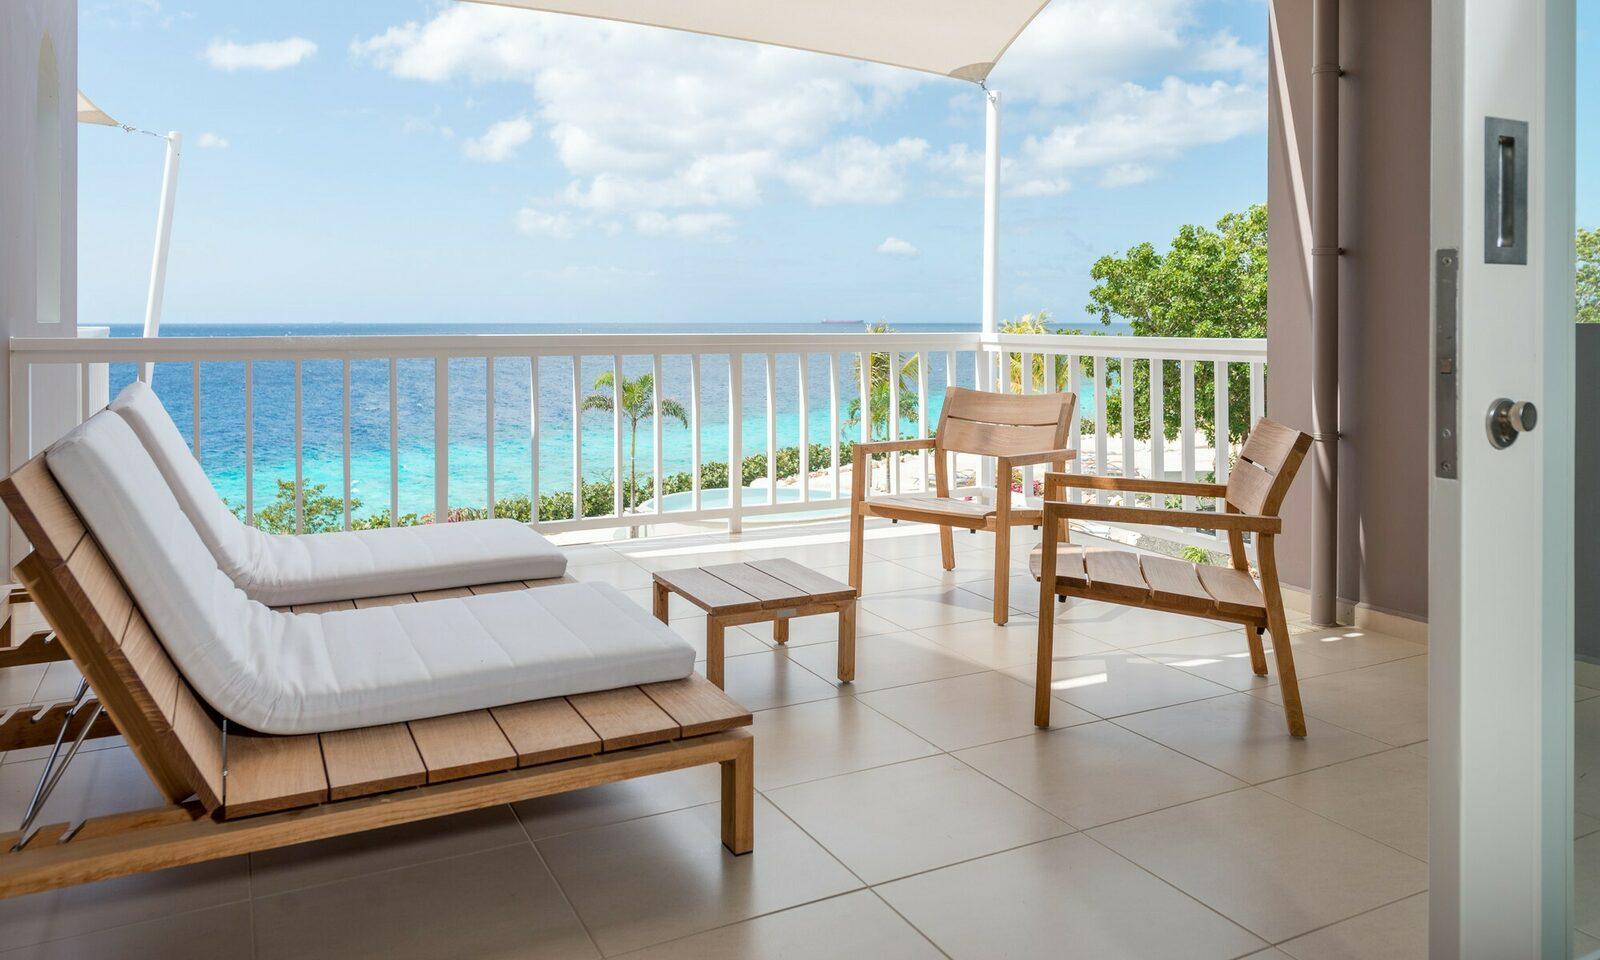 Reisverhaal van Emy | ''Het uitzicht op de Caribische Zee''